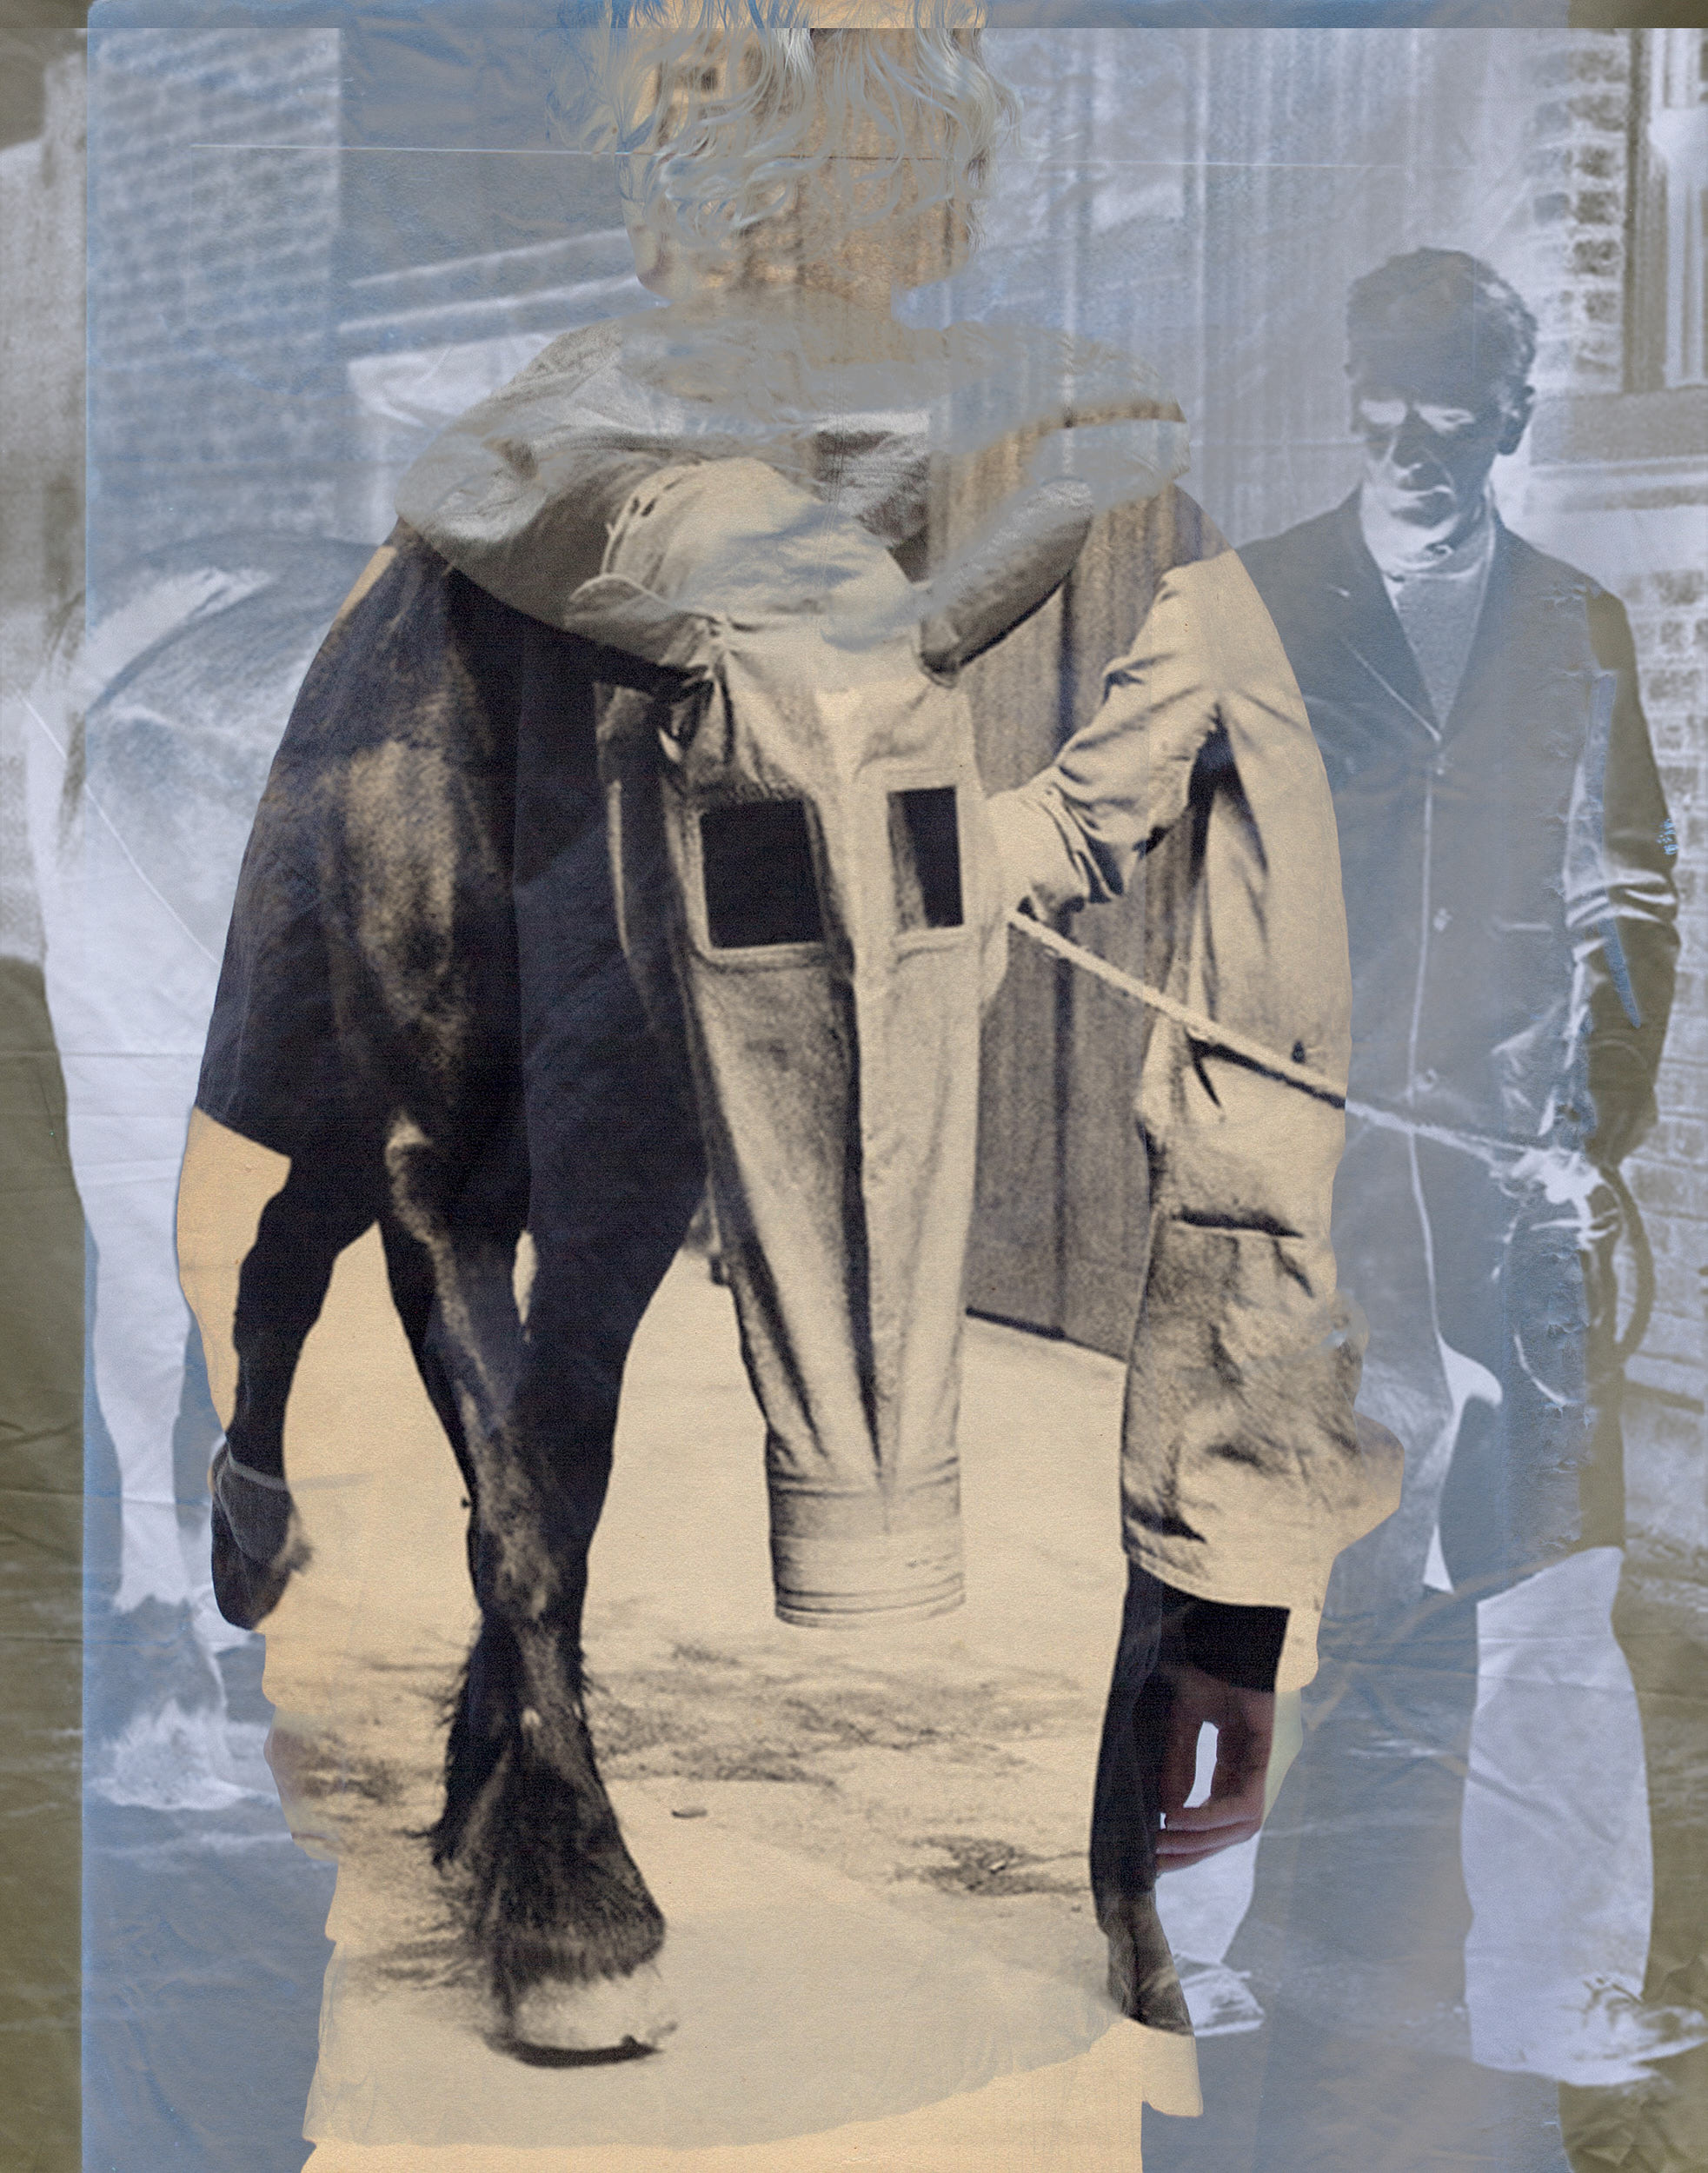 horse-Ziggy-Chen-on-Anniversary-Magazine.jpg